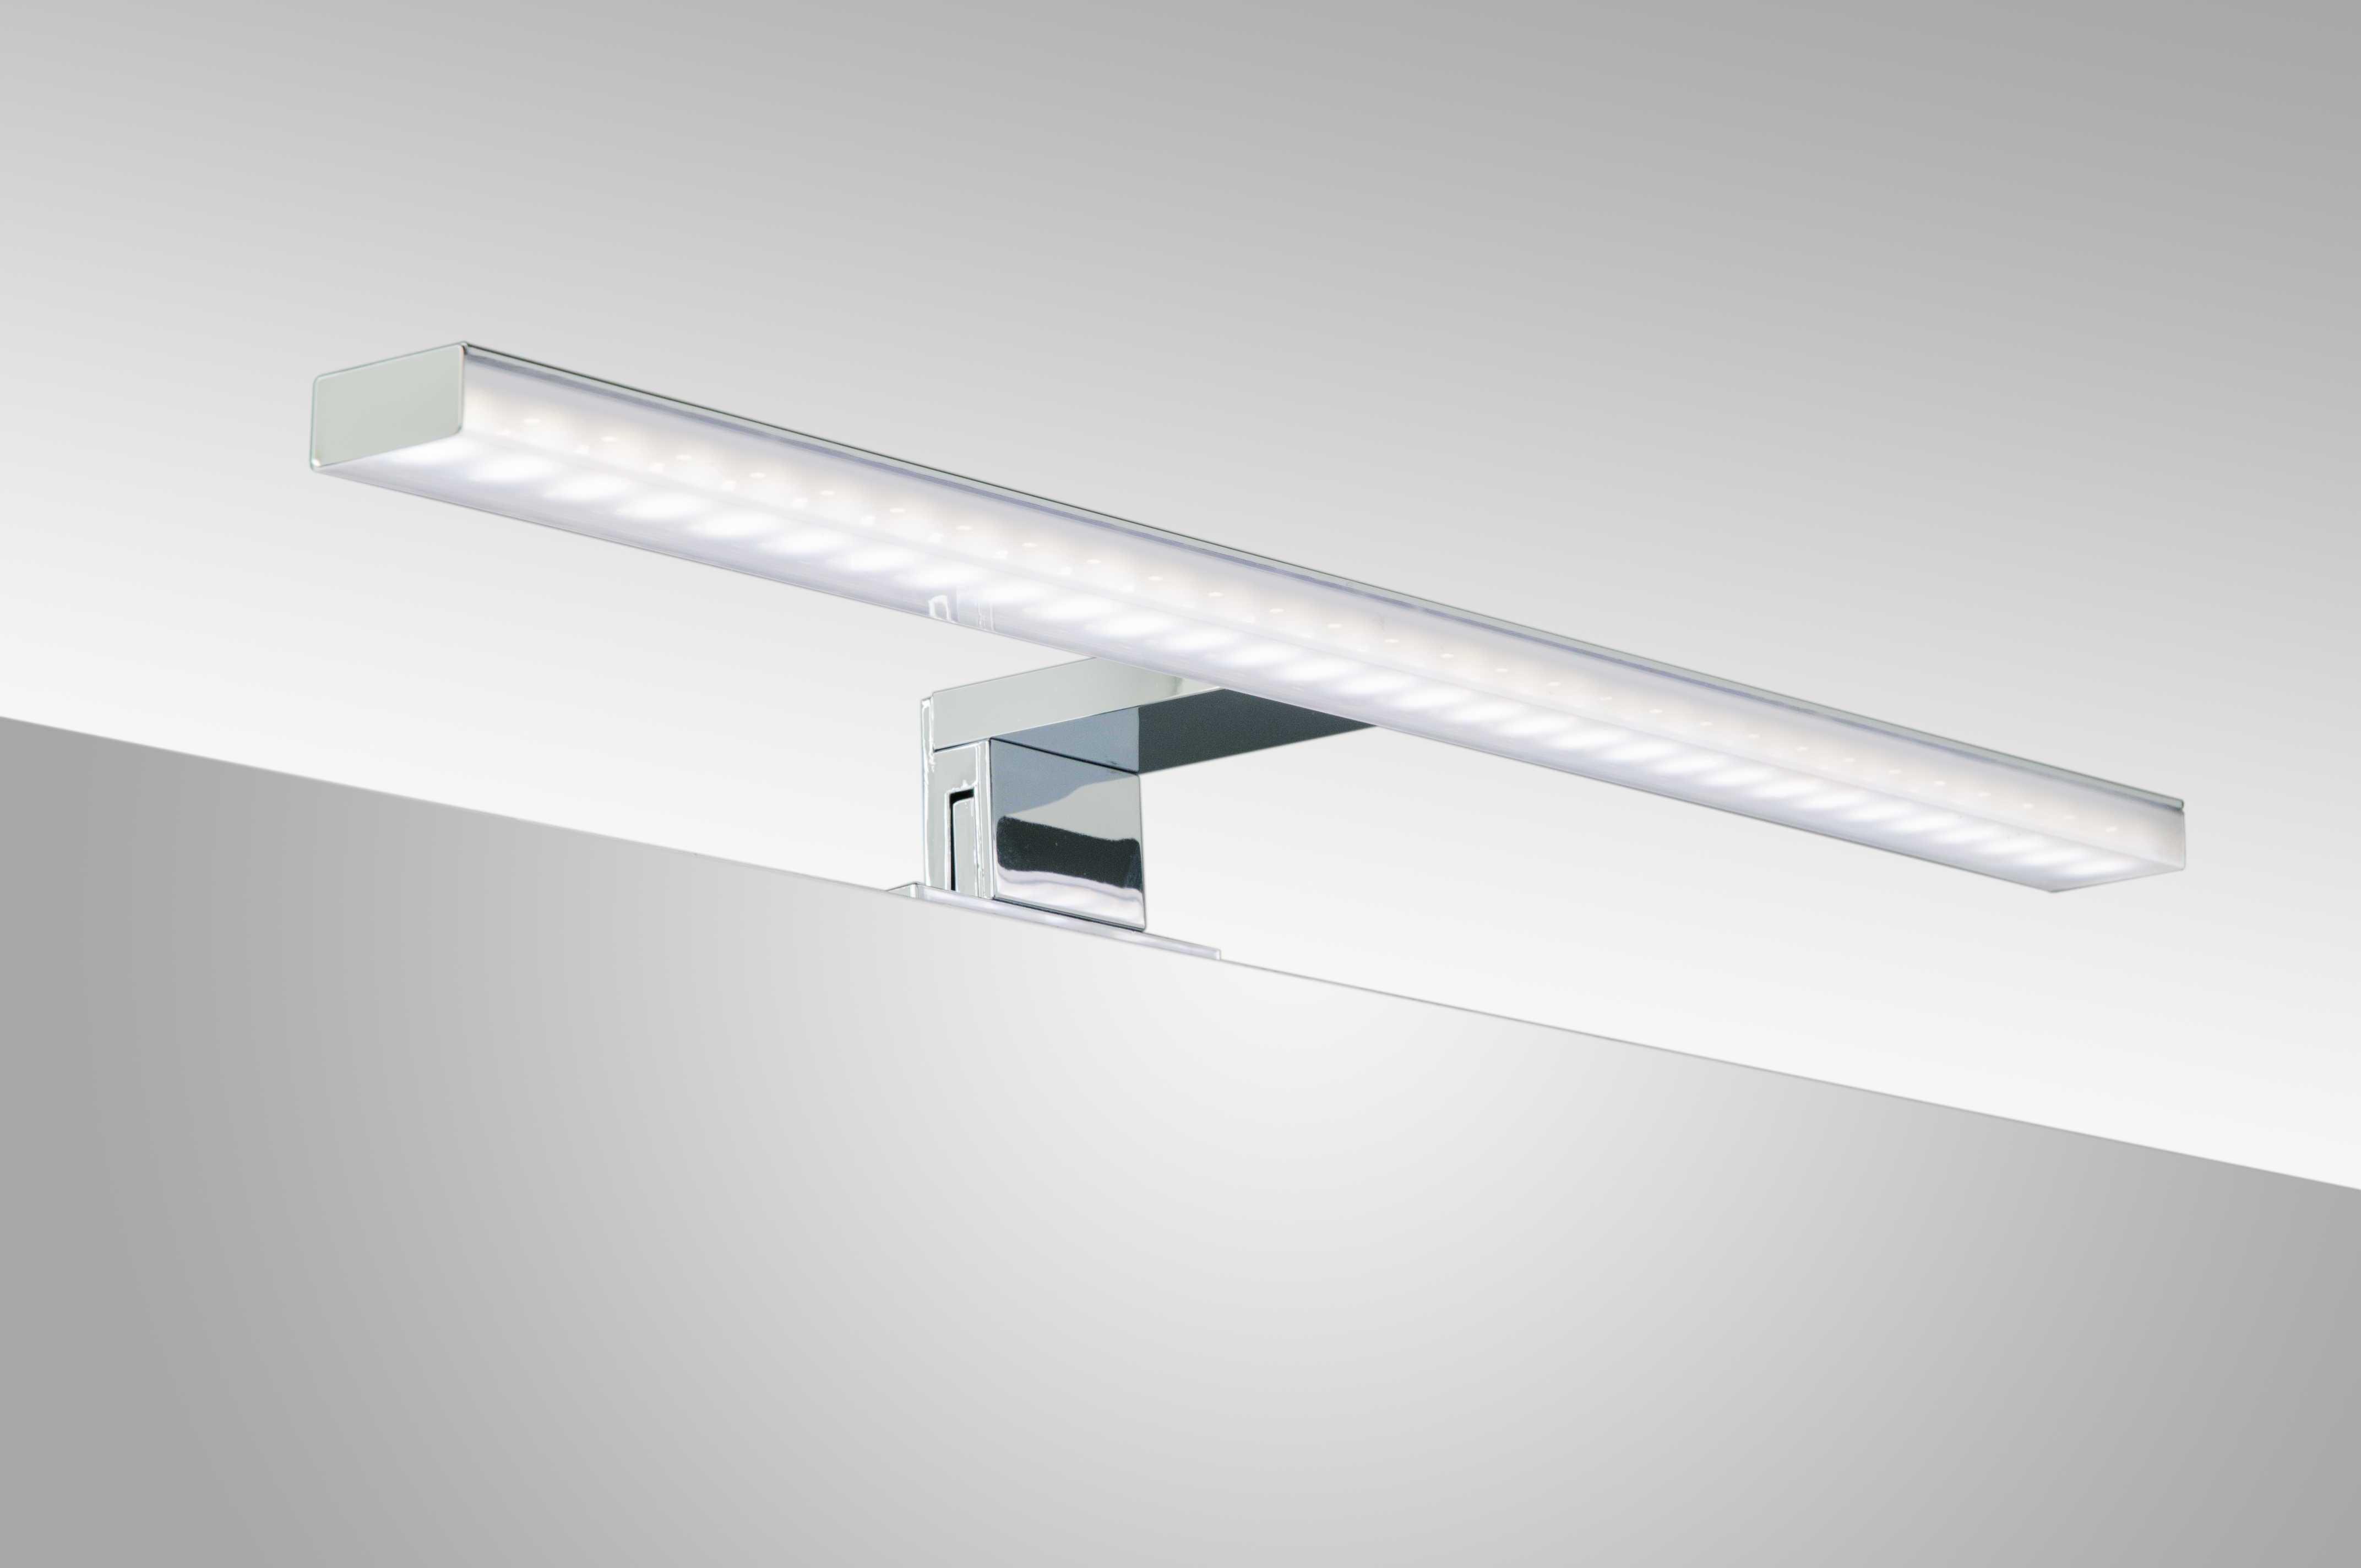 Specchio bagno 110x70 led specchiera bagno lampada led luce neutra faretto led for Lampada bagno soffitto